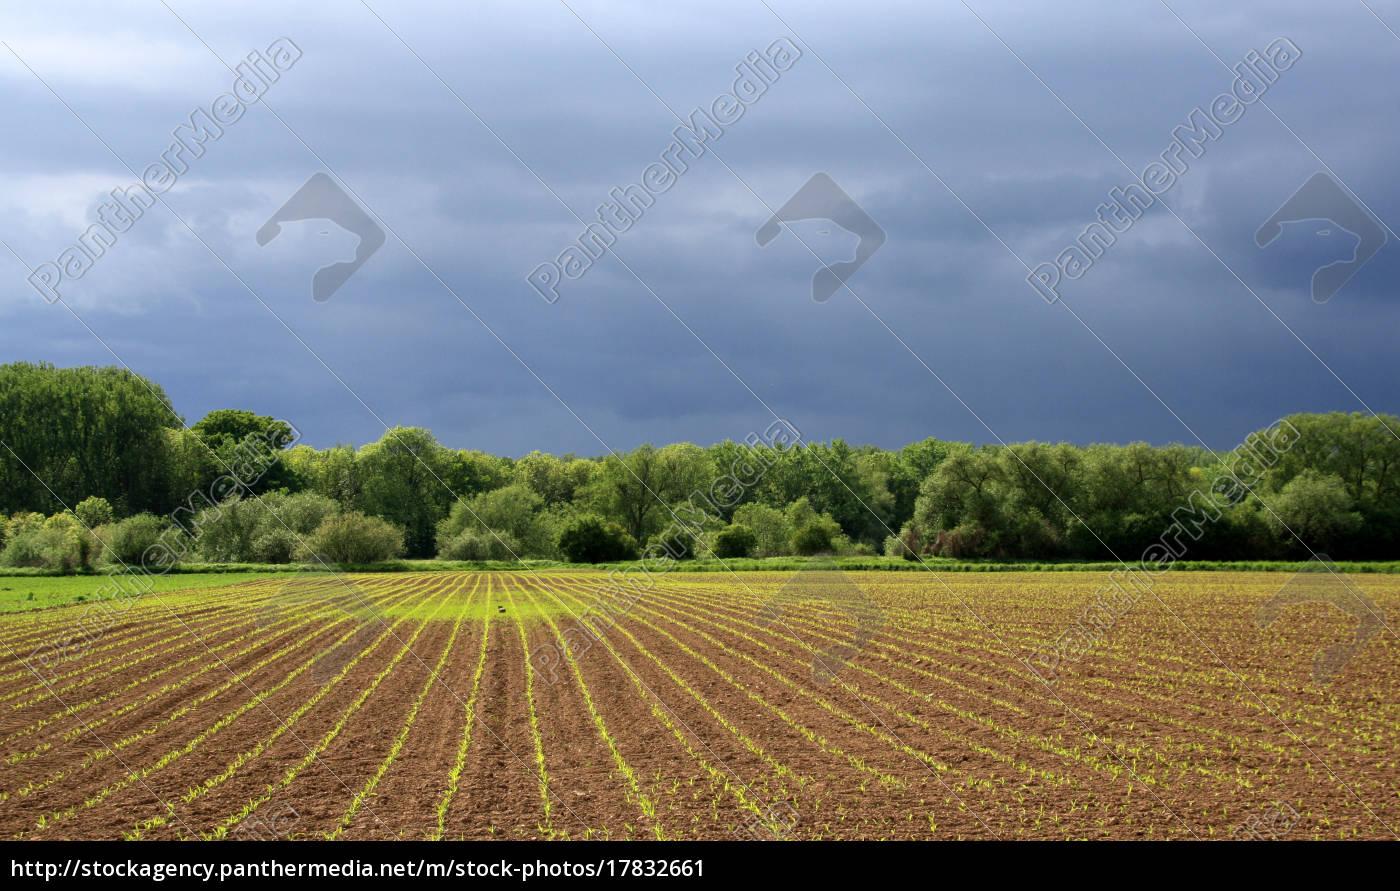 que, la, lluvia, traiga, bendiciones - 17832661